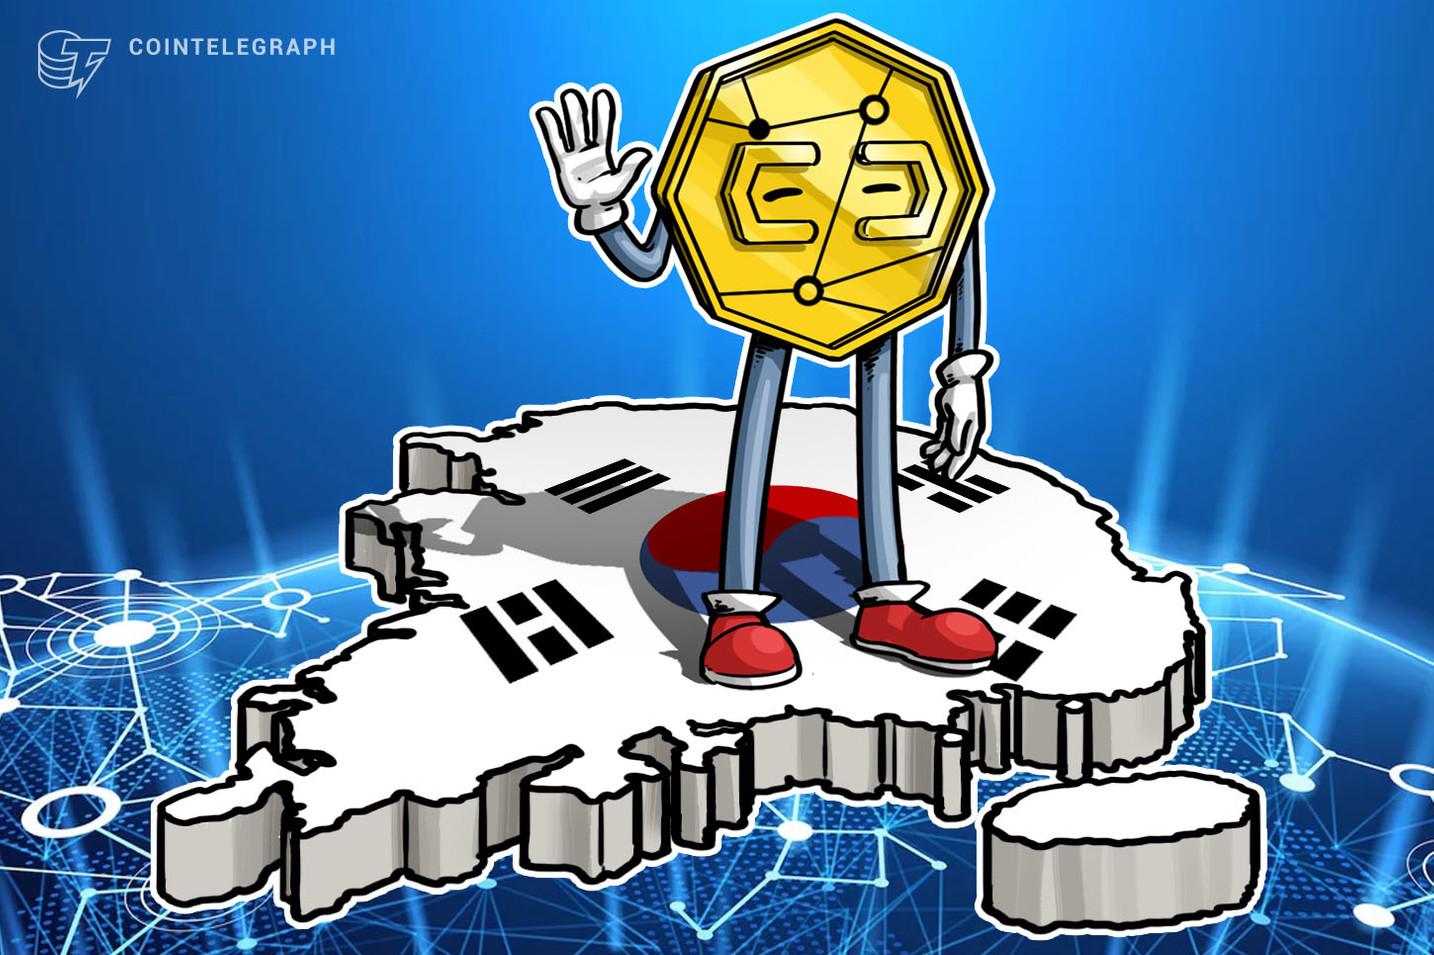 韓国の仮想通貨取引所アップビット、3Q利益は111億円